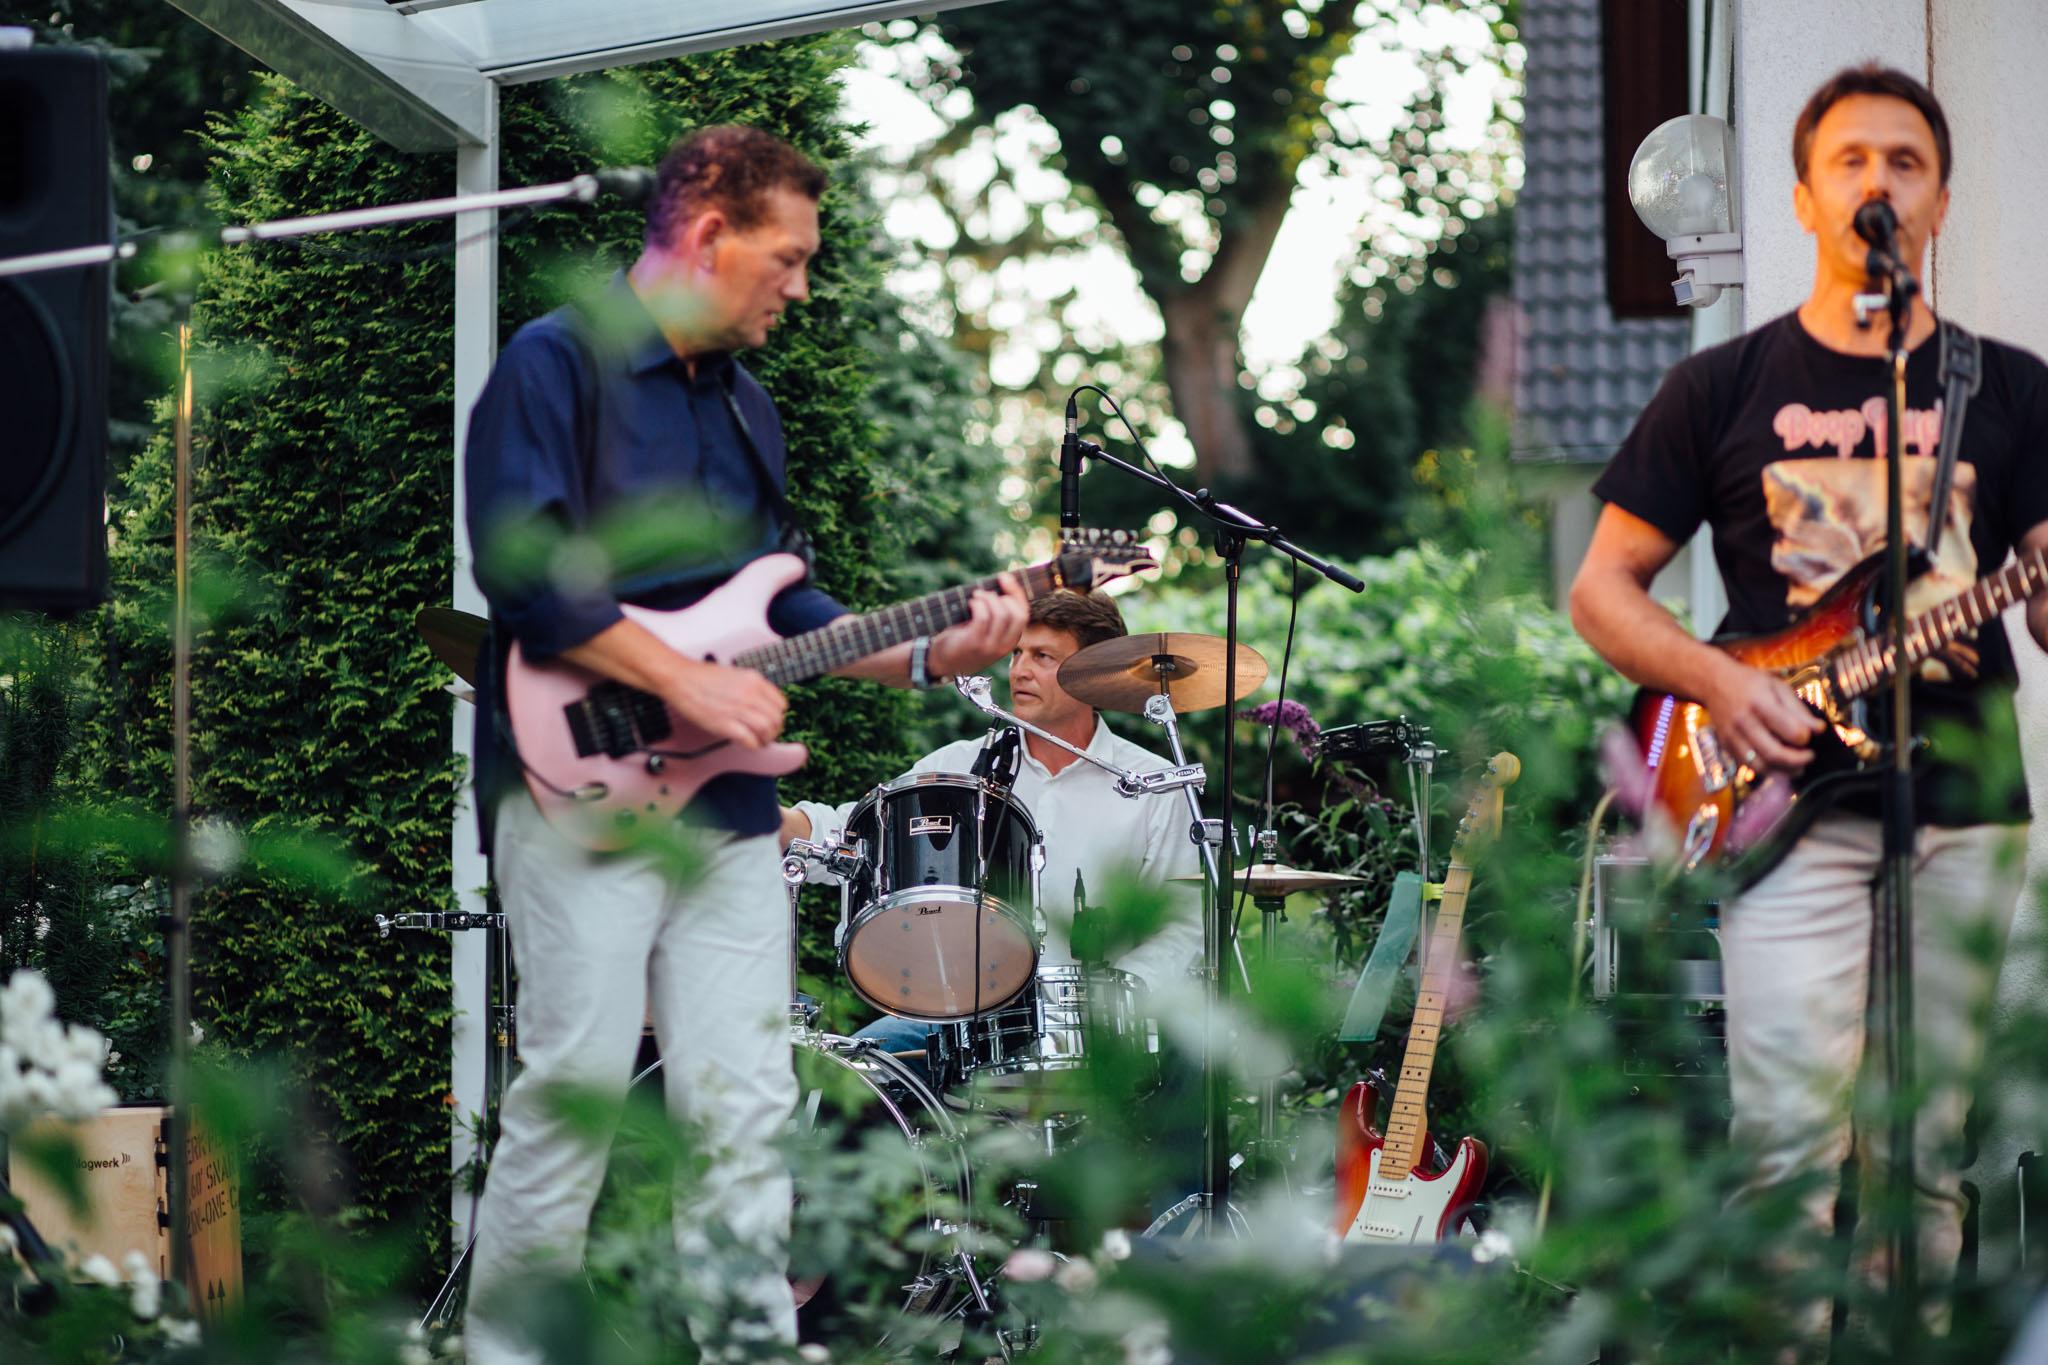 hochzeitsfeier-musik-band-foto